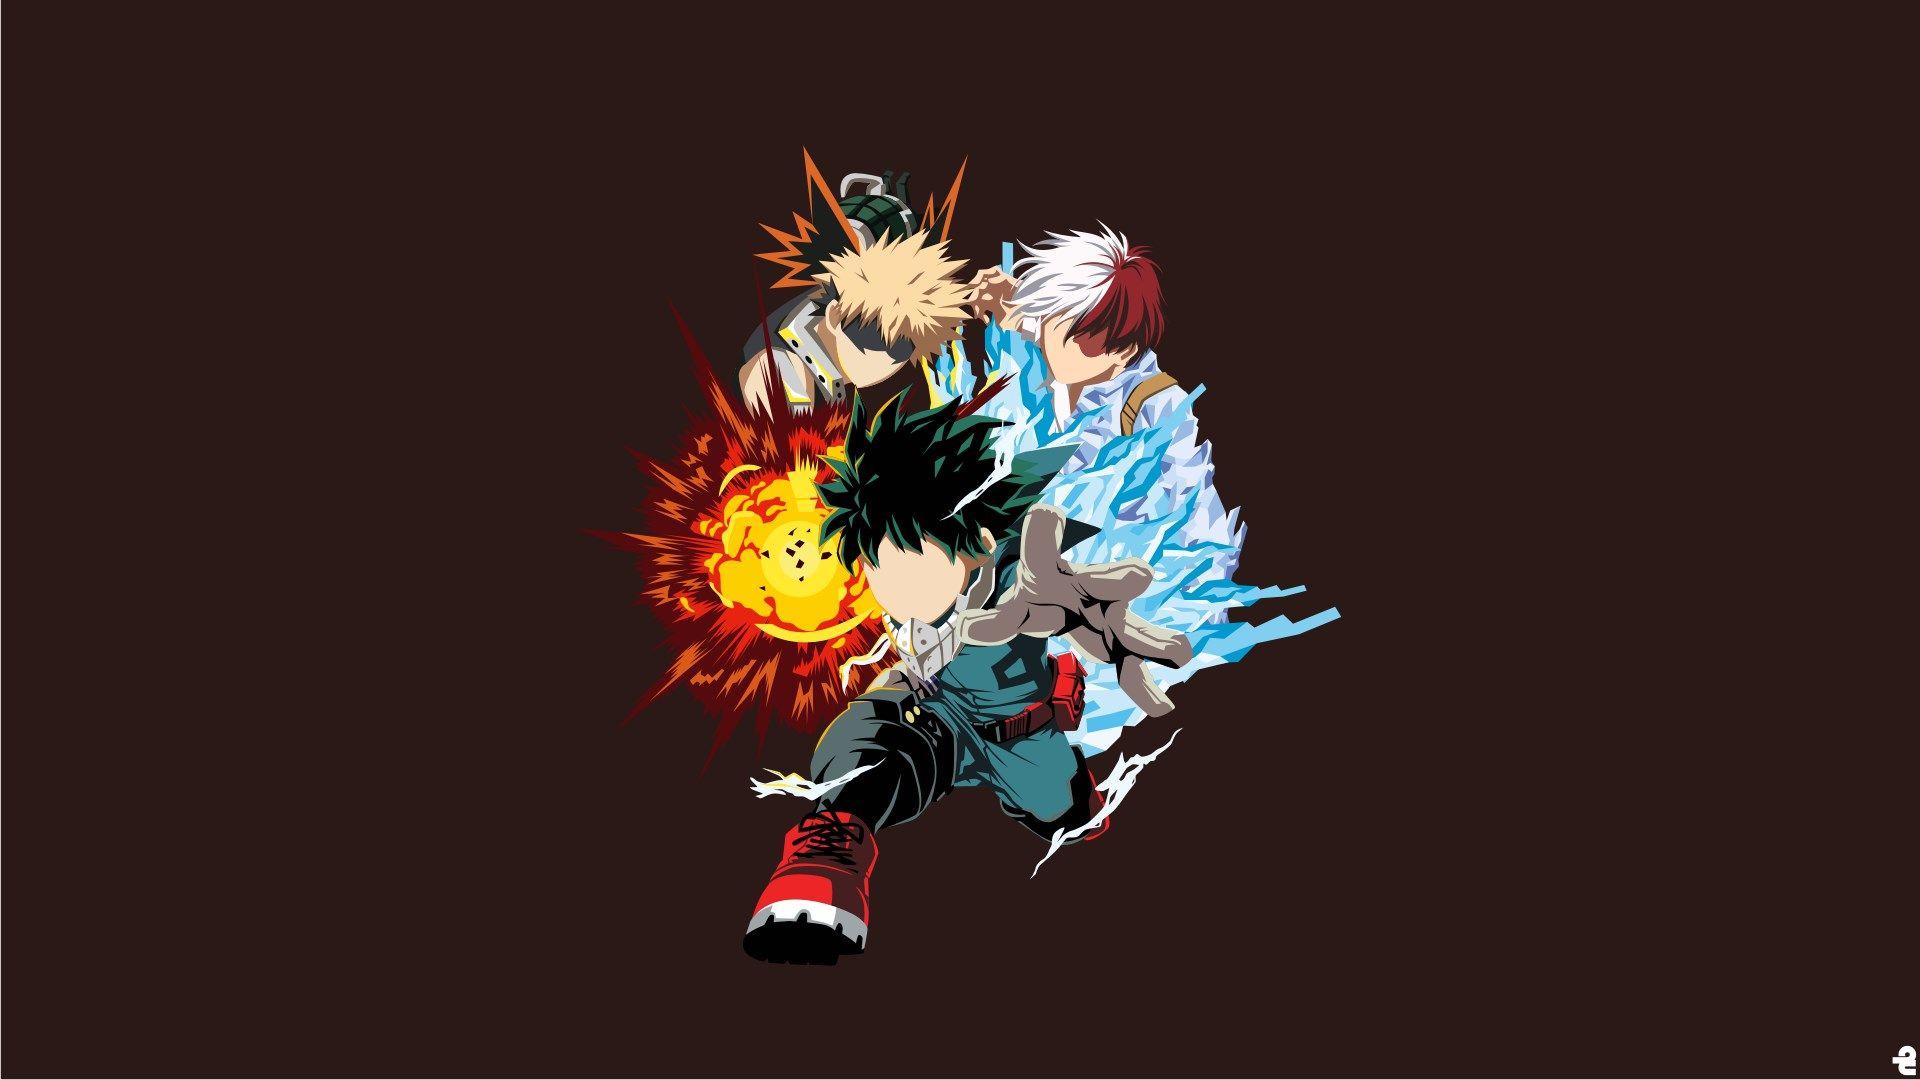 Widescreen Backgrounds Boku No Hero Academia Hero Wallpaper Anime Anime Wallpaper